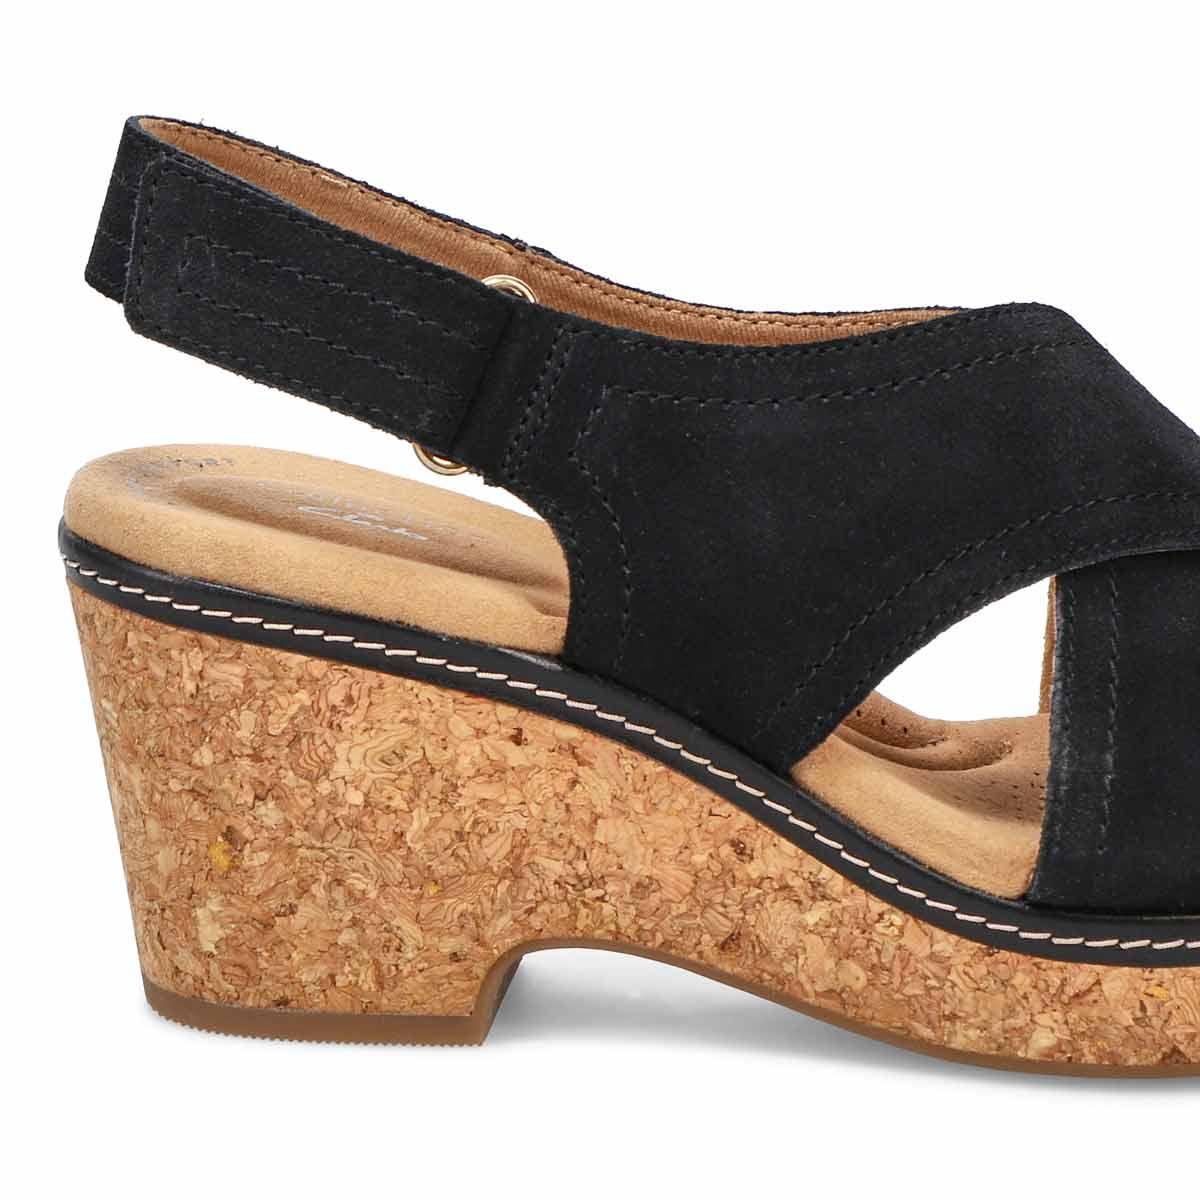 Women's Giselle Cover Sandal - Black